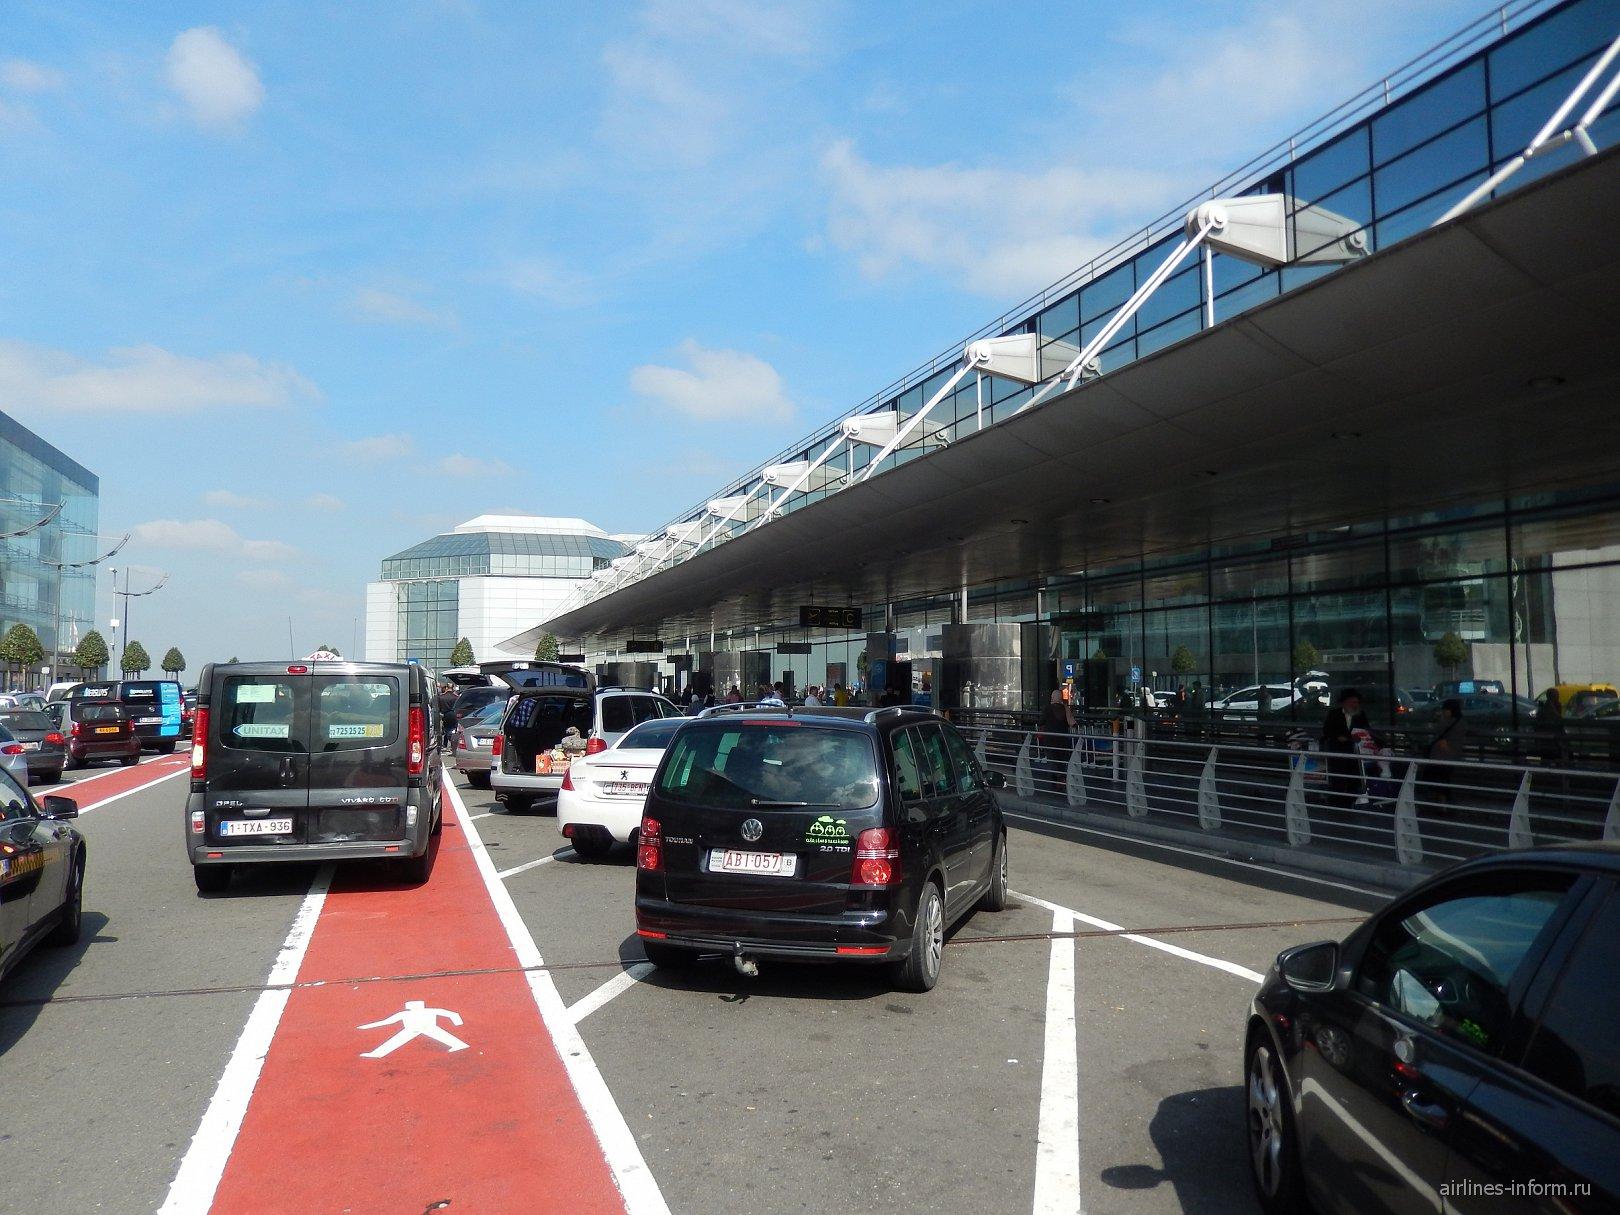 Вход в аэровокзал аэропорта Брюссель